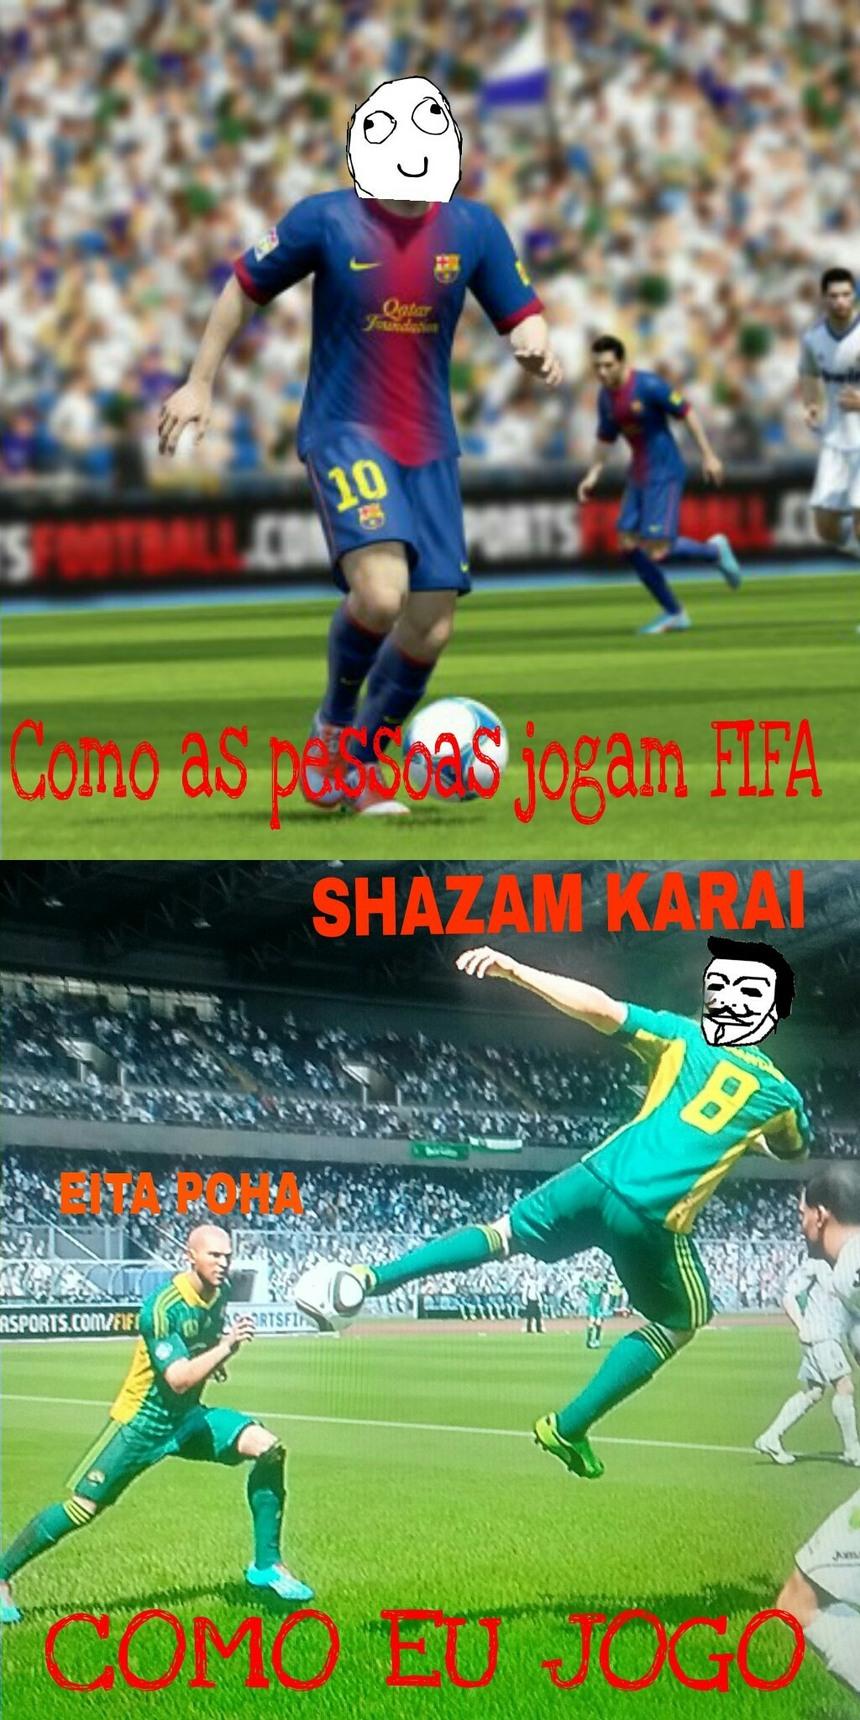 Espanca do futebol - meme